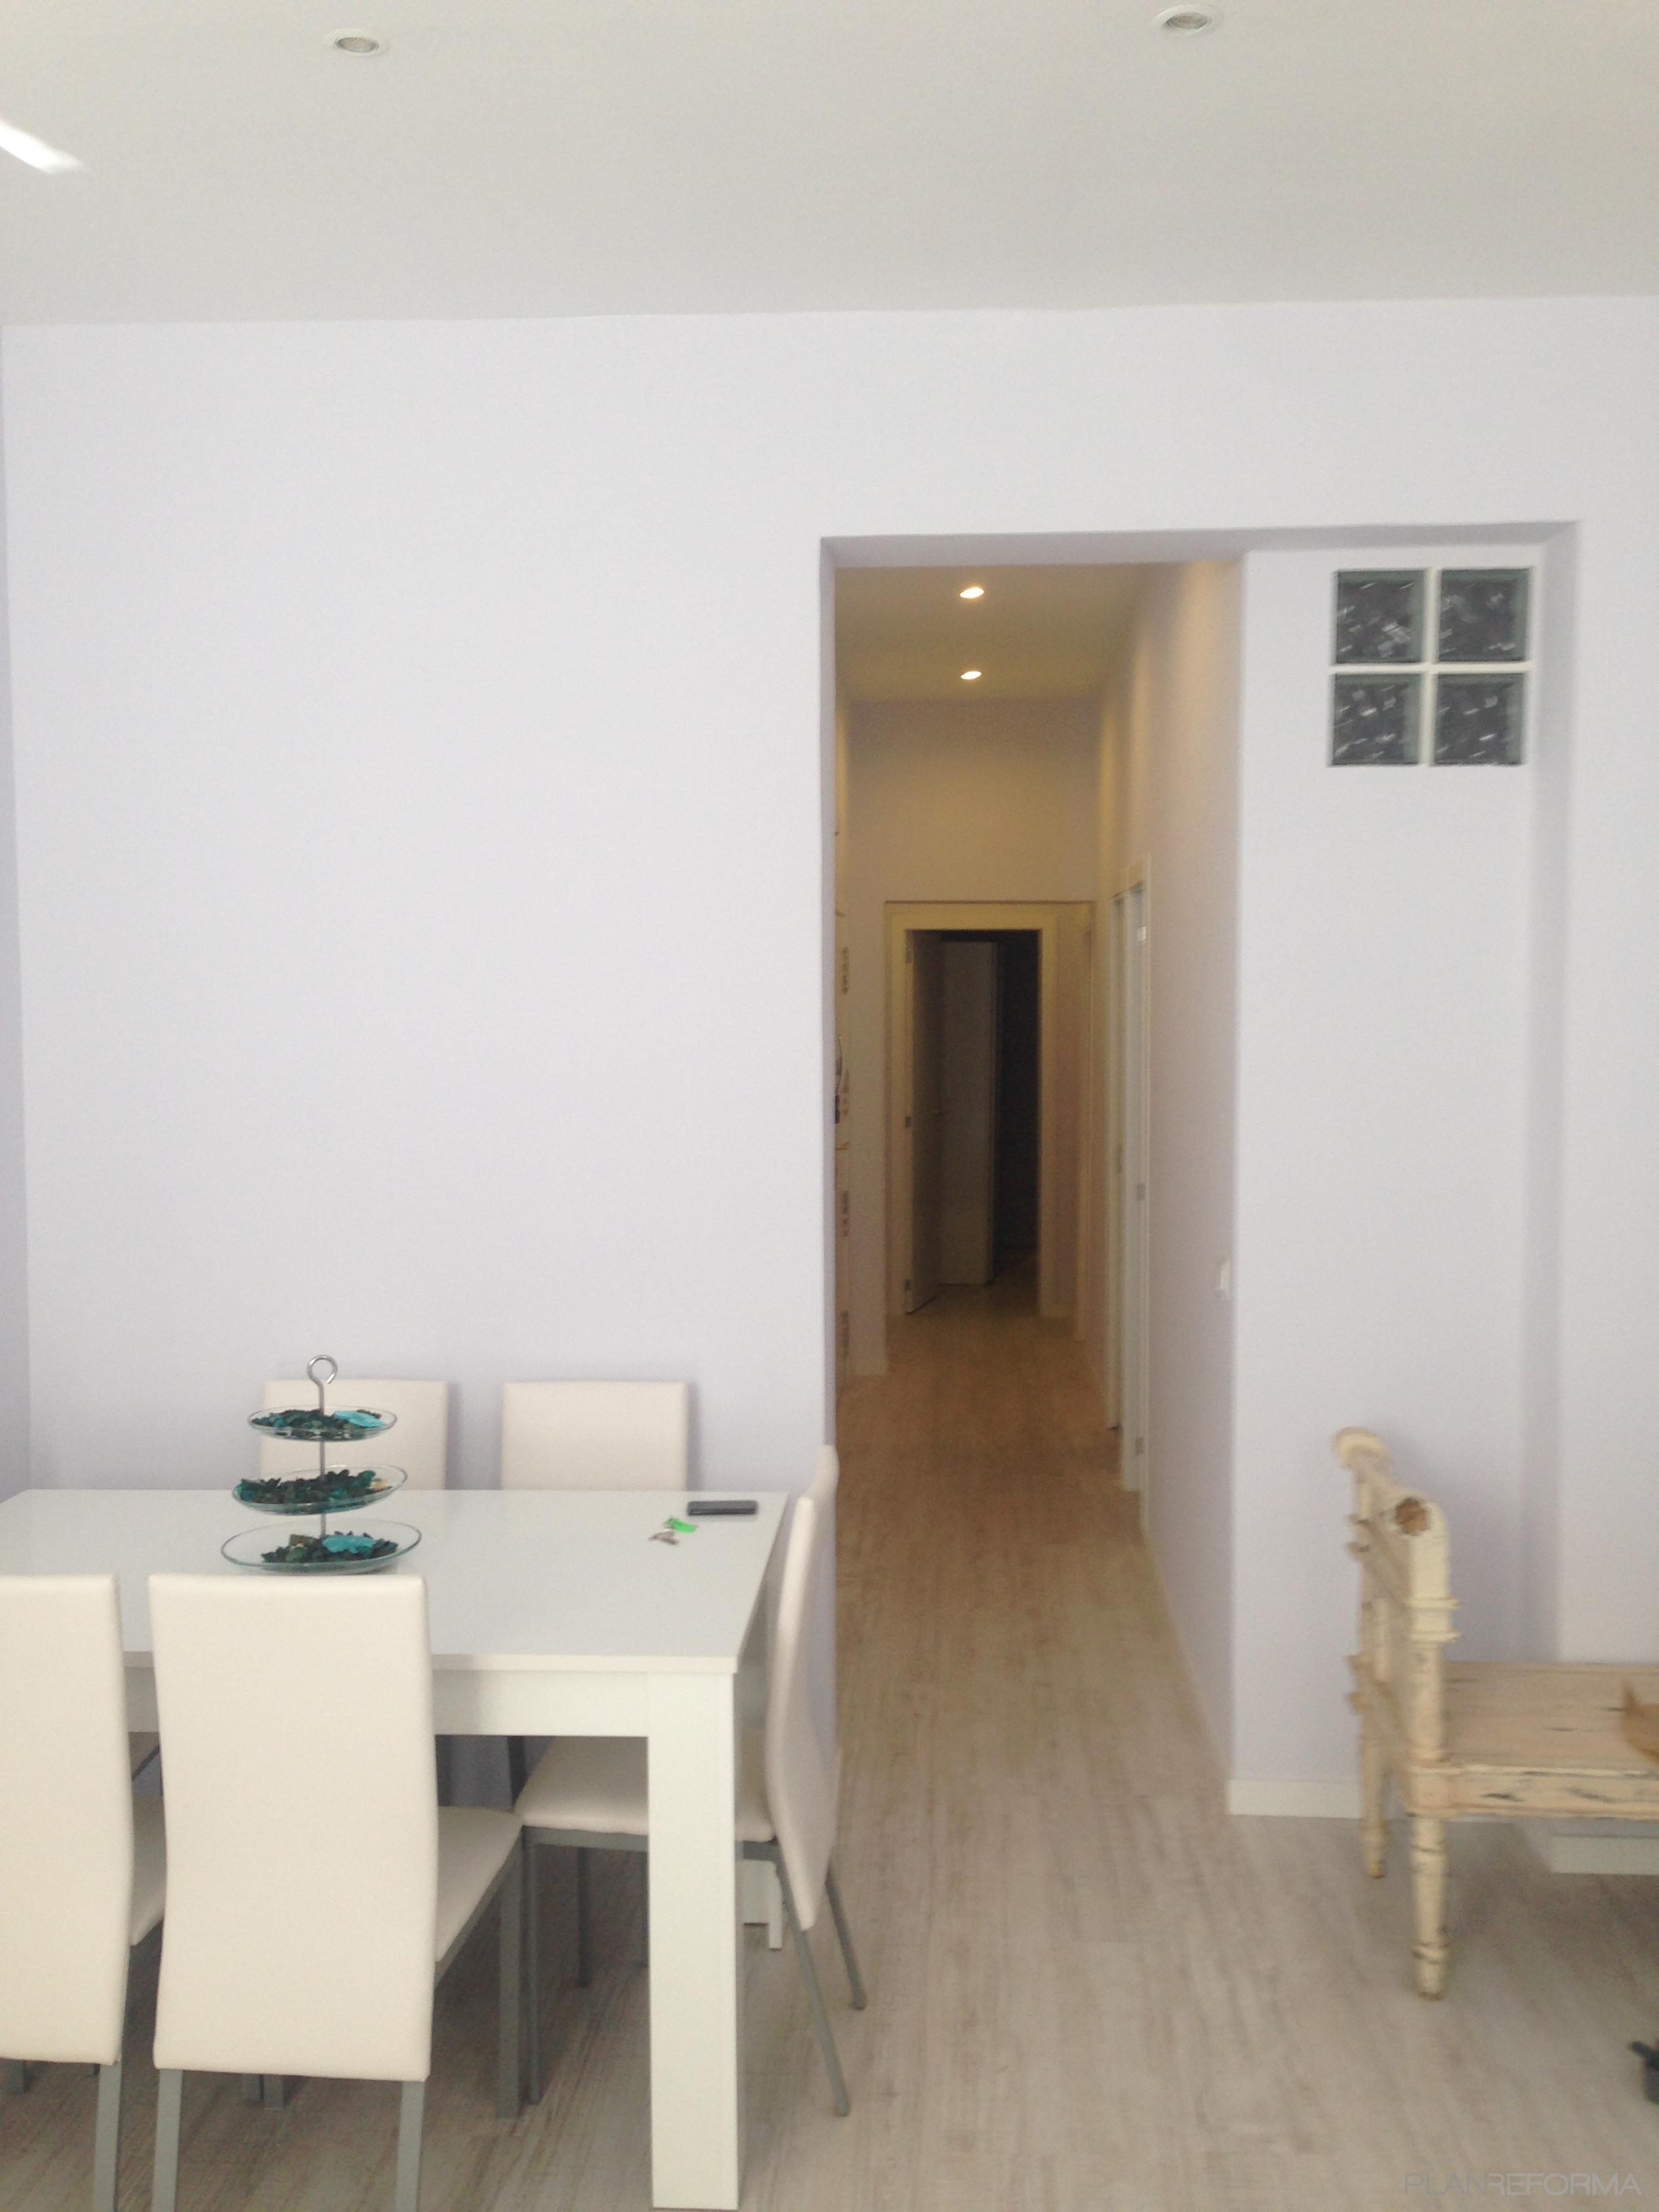 Pasillo salon estilo moderno color beige marron blanco - Salon moderno blanco ...